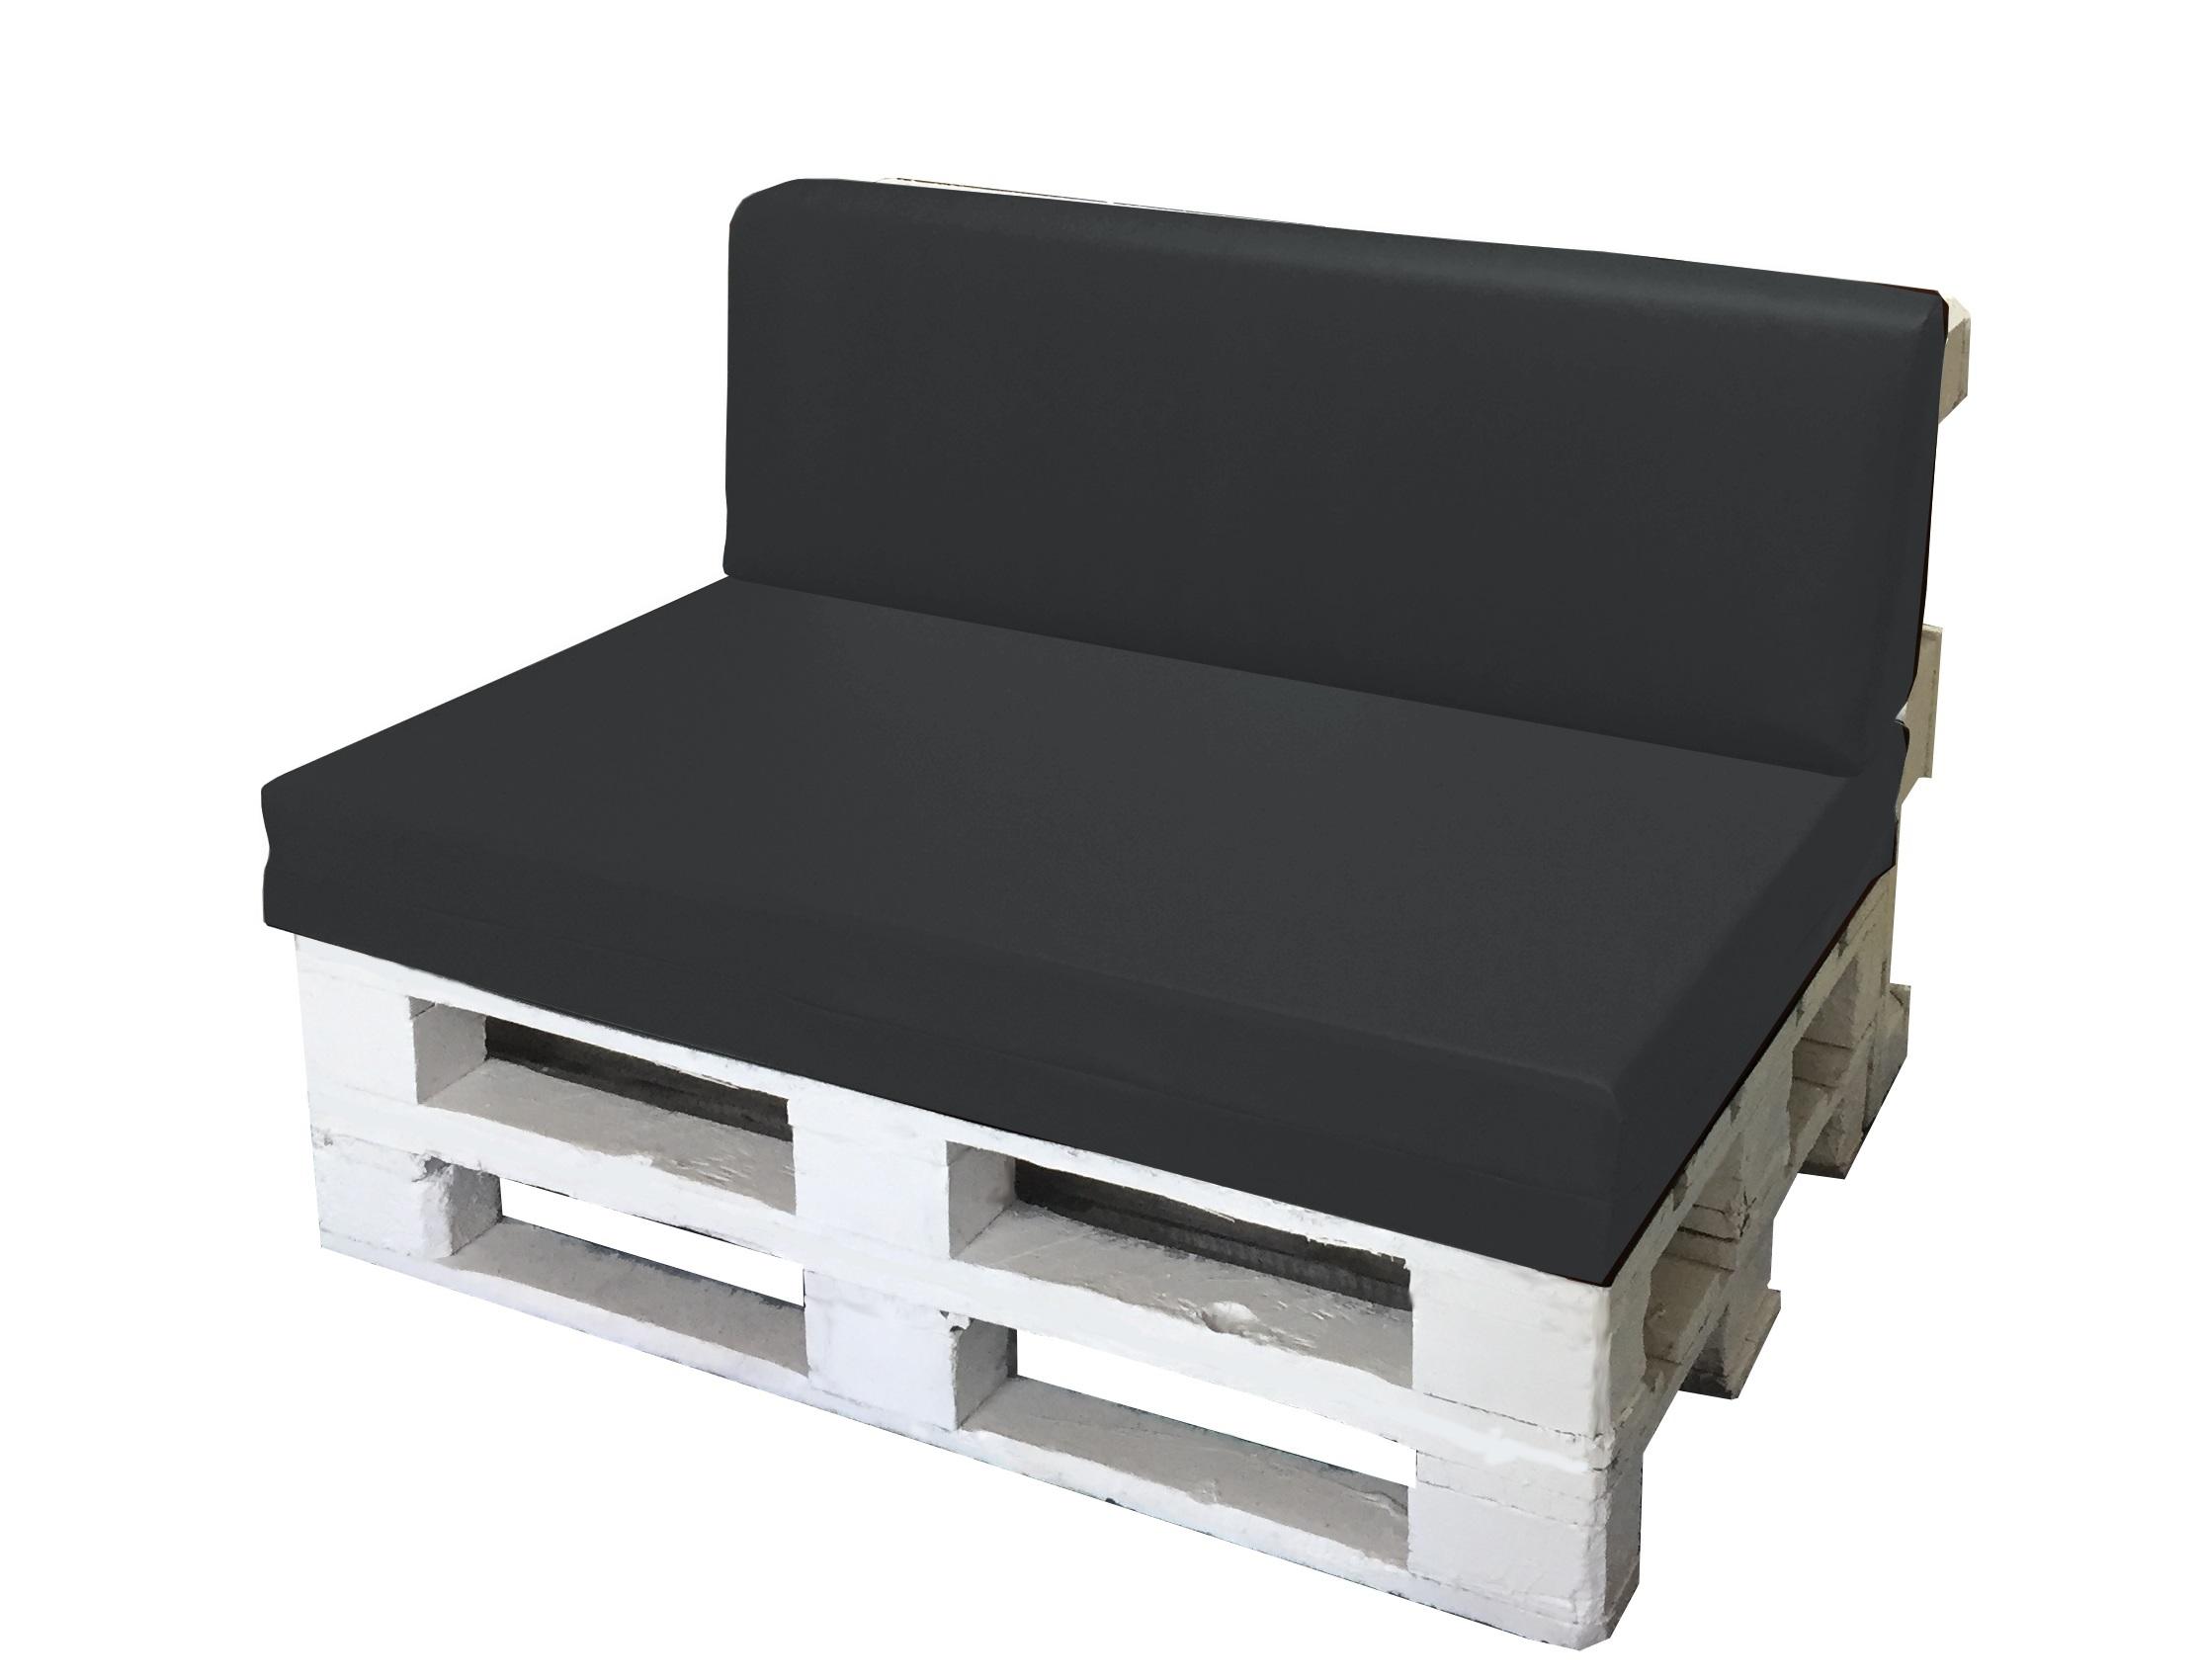 Set cuscino per bancale seduta schienale divano pallet ecopelle vari colori ebay - Pulizia divano ecopelle ...